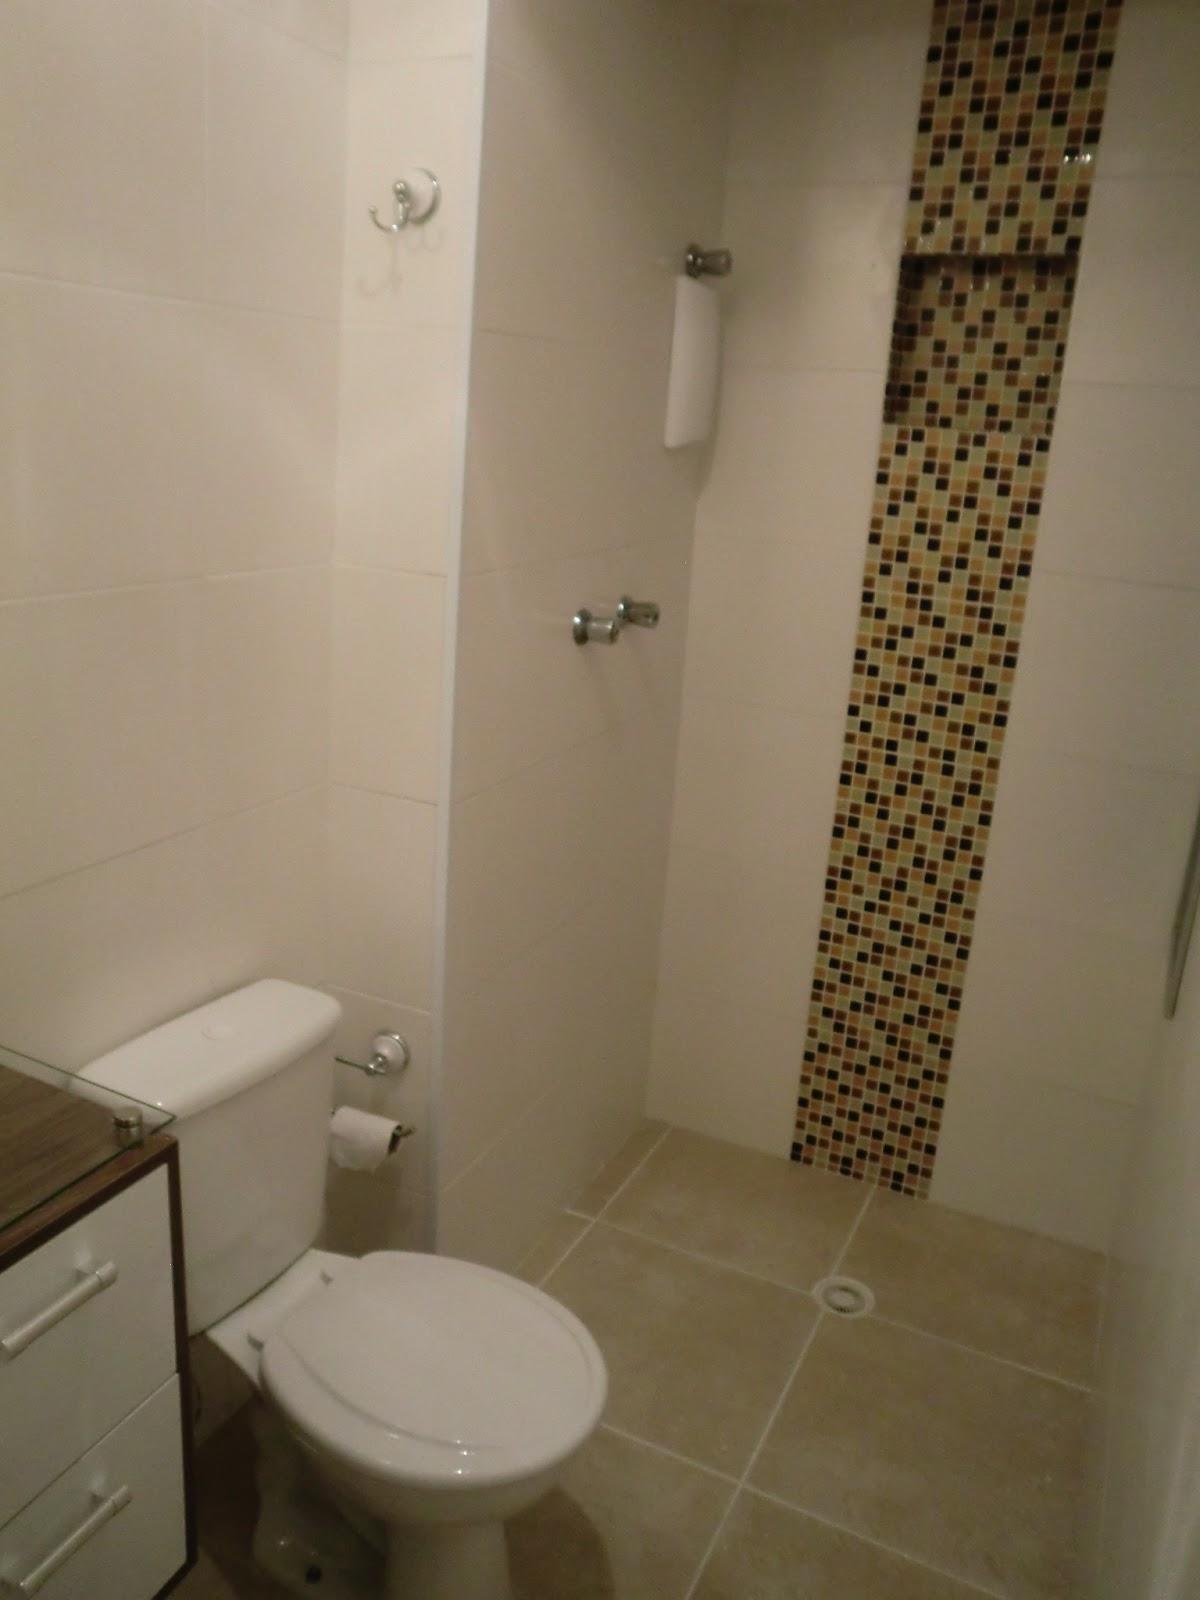 Banheiro Revestimento Bege  homefiresafetykitcom banheiros com pastilhas -> Nicho Retangular Banheiro